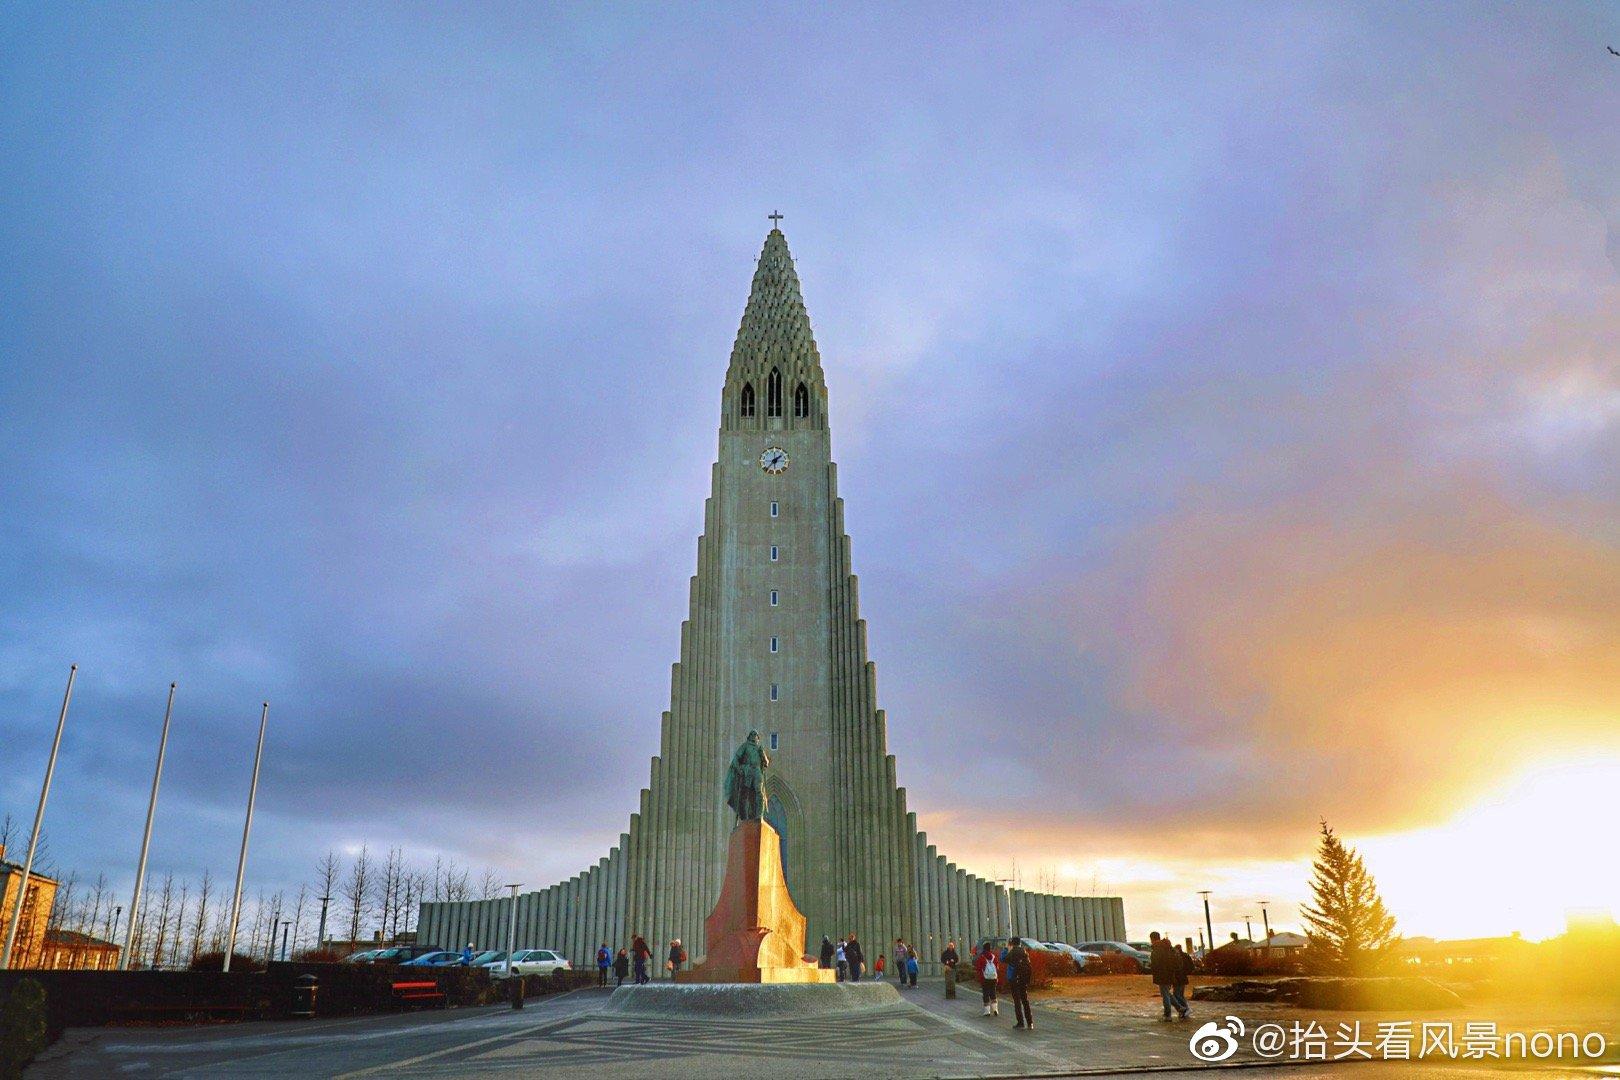 冰岛,哈尔格林姆斯大教堂,是首都雷克雅未克最高的建筑